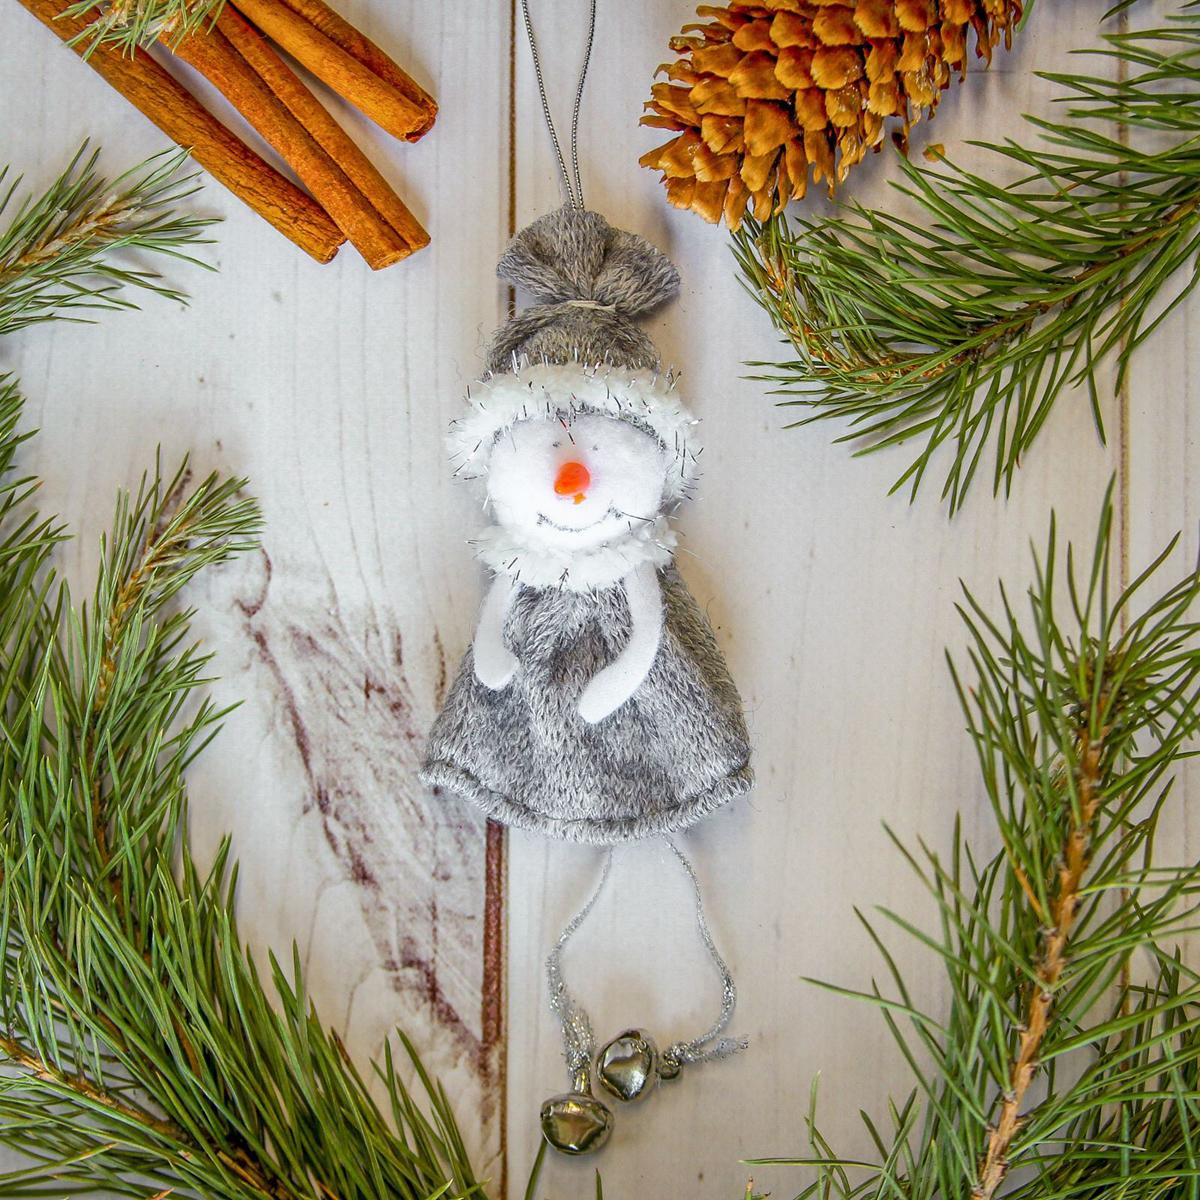 Украшение новогоднее подвесное Снеговик, 5 х 8 см2357057Новогоднее украшение ручной работы отлично подойдет для декорации вашего дома и новогодней ели. С помощью специальной петельки украшение можно повесить в любом понравившемся вам месте. Но, конечно, удачнее всего оно будет смотреться на праздничной елке.Елочная игрушка - символ Нового года. Она несет в себе волшебство и красоту праздника. Такое украшение создаст в вашем доме атмосферу праздника, веселья и радости.